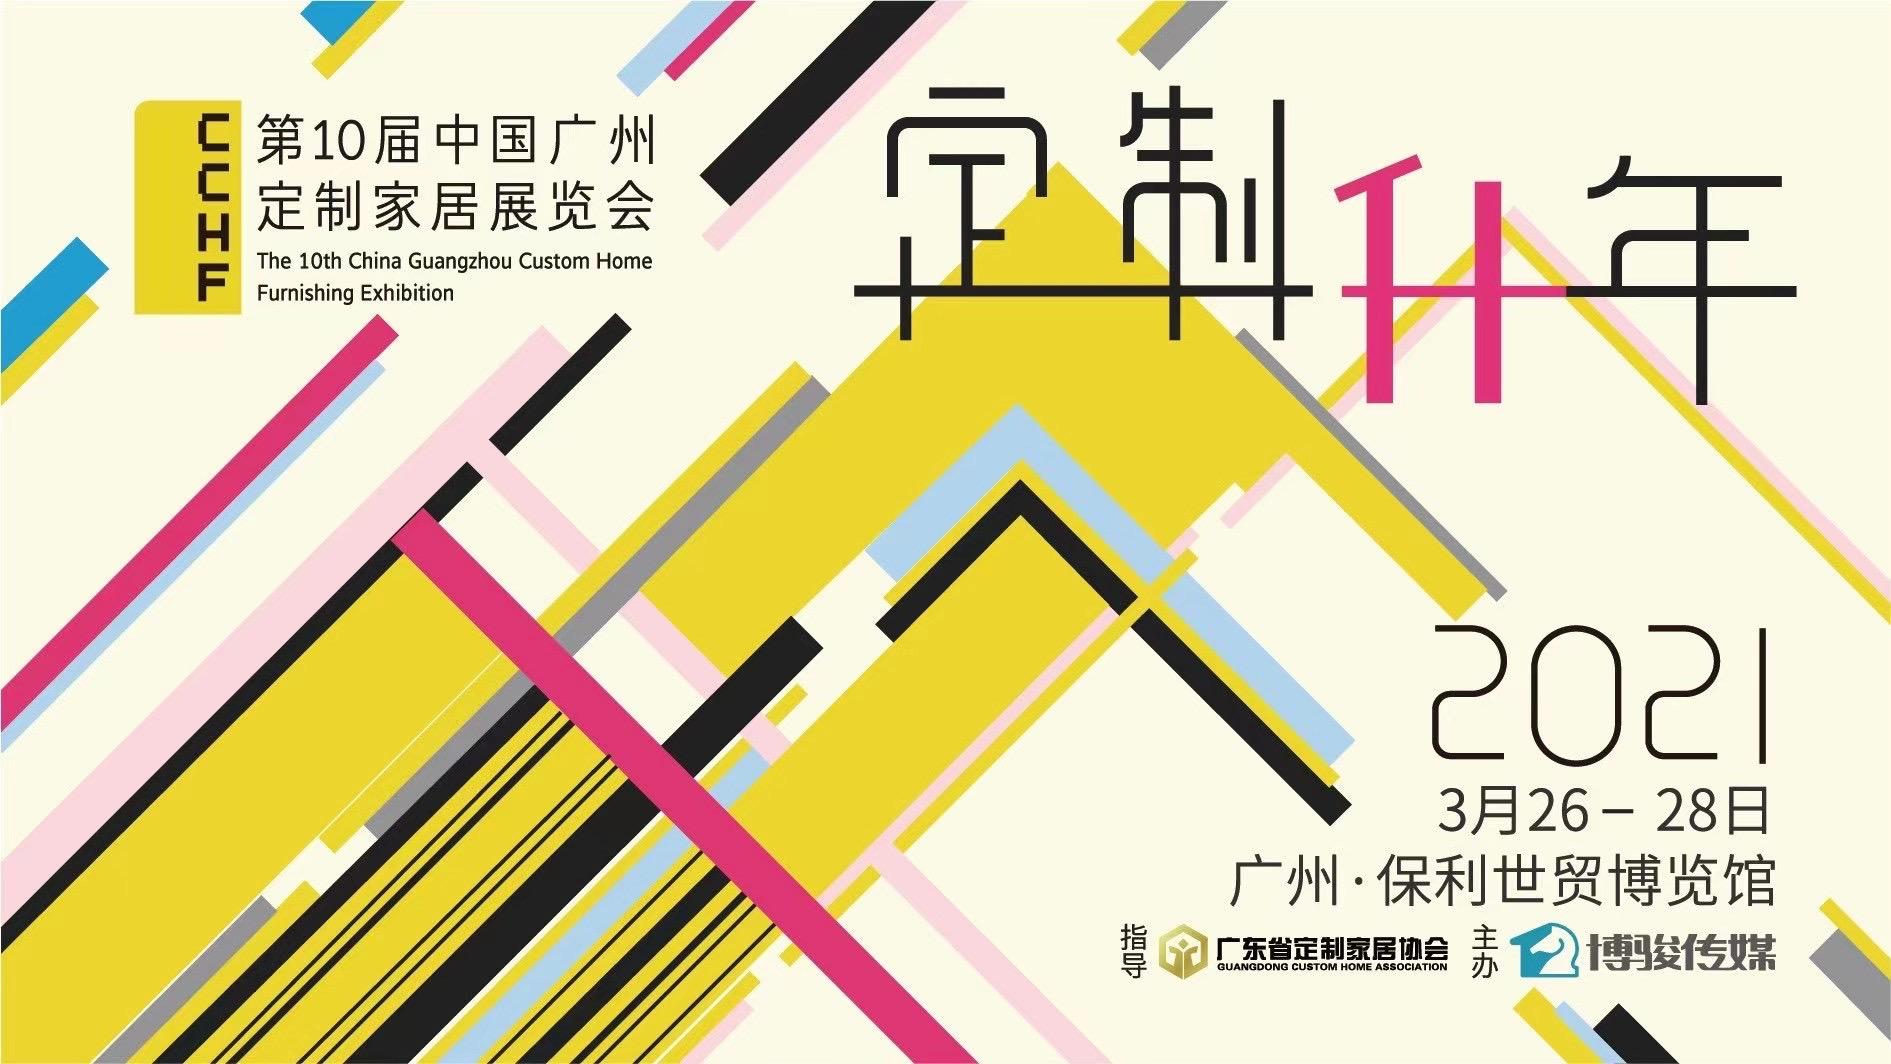 【展讯】第十届中国广州定制家居展览会规格升级,精彩